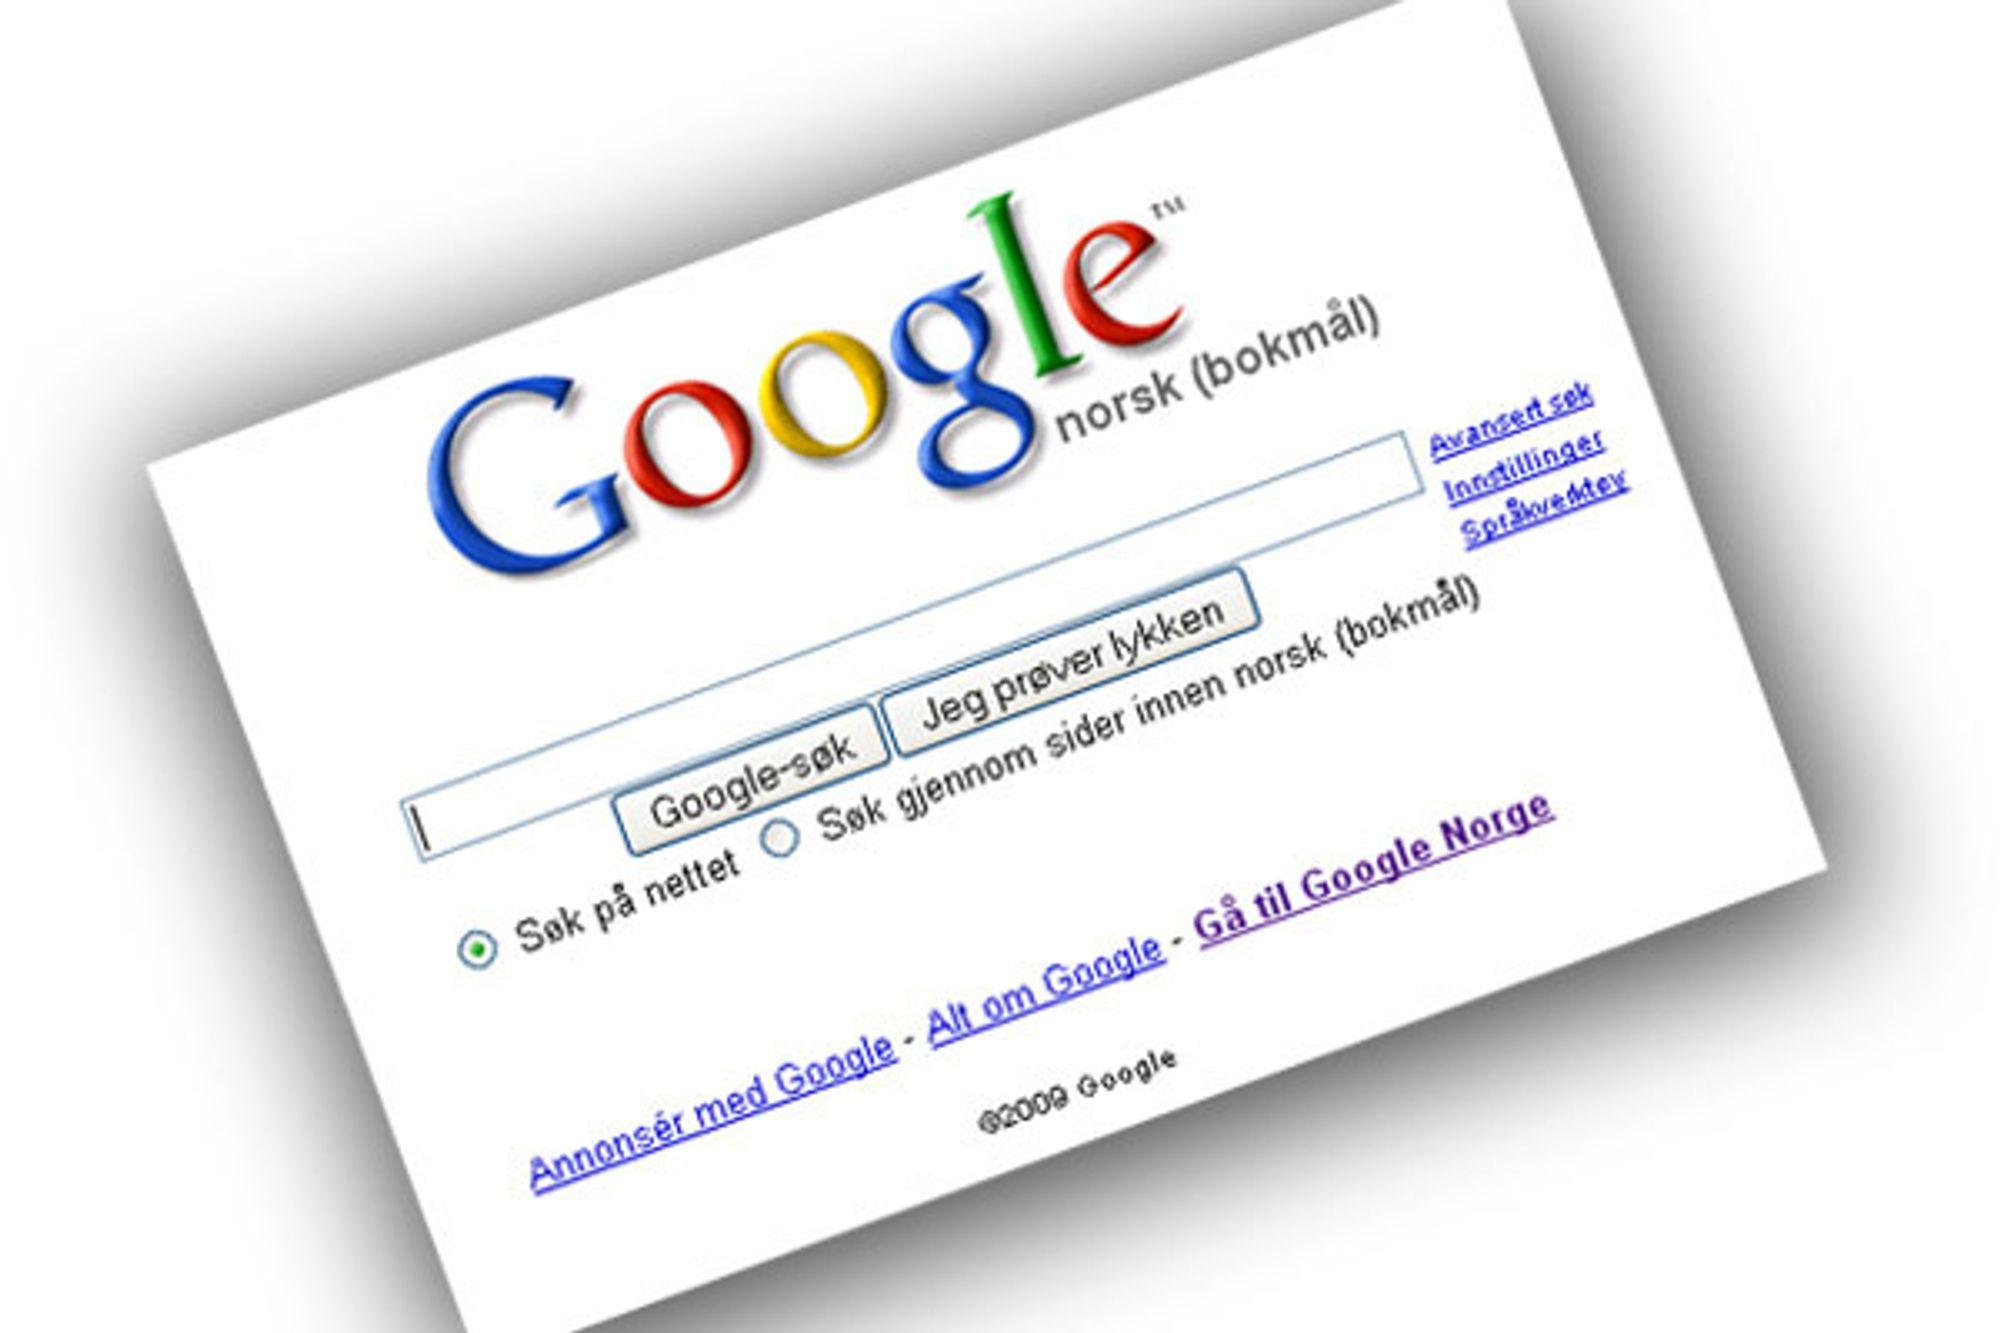 Googles nye søkeinfrastruktur Caffeine skal gjøre giganten enda bedre.